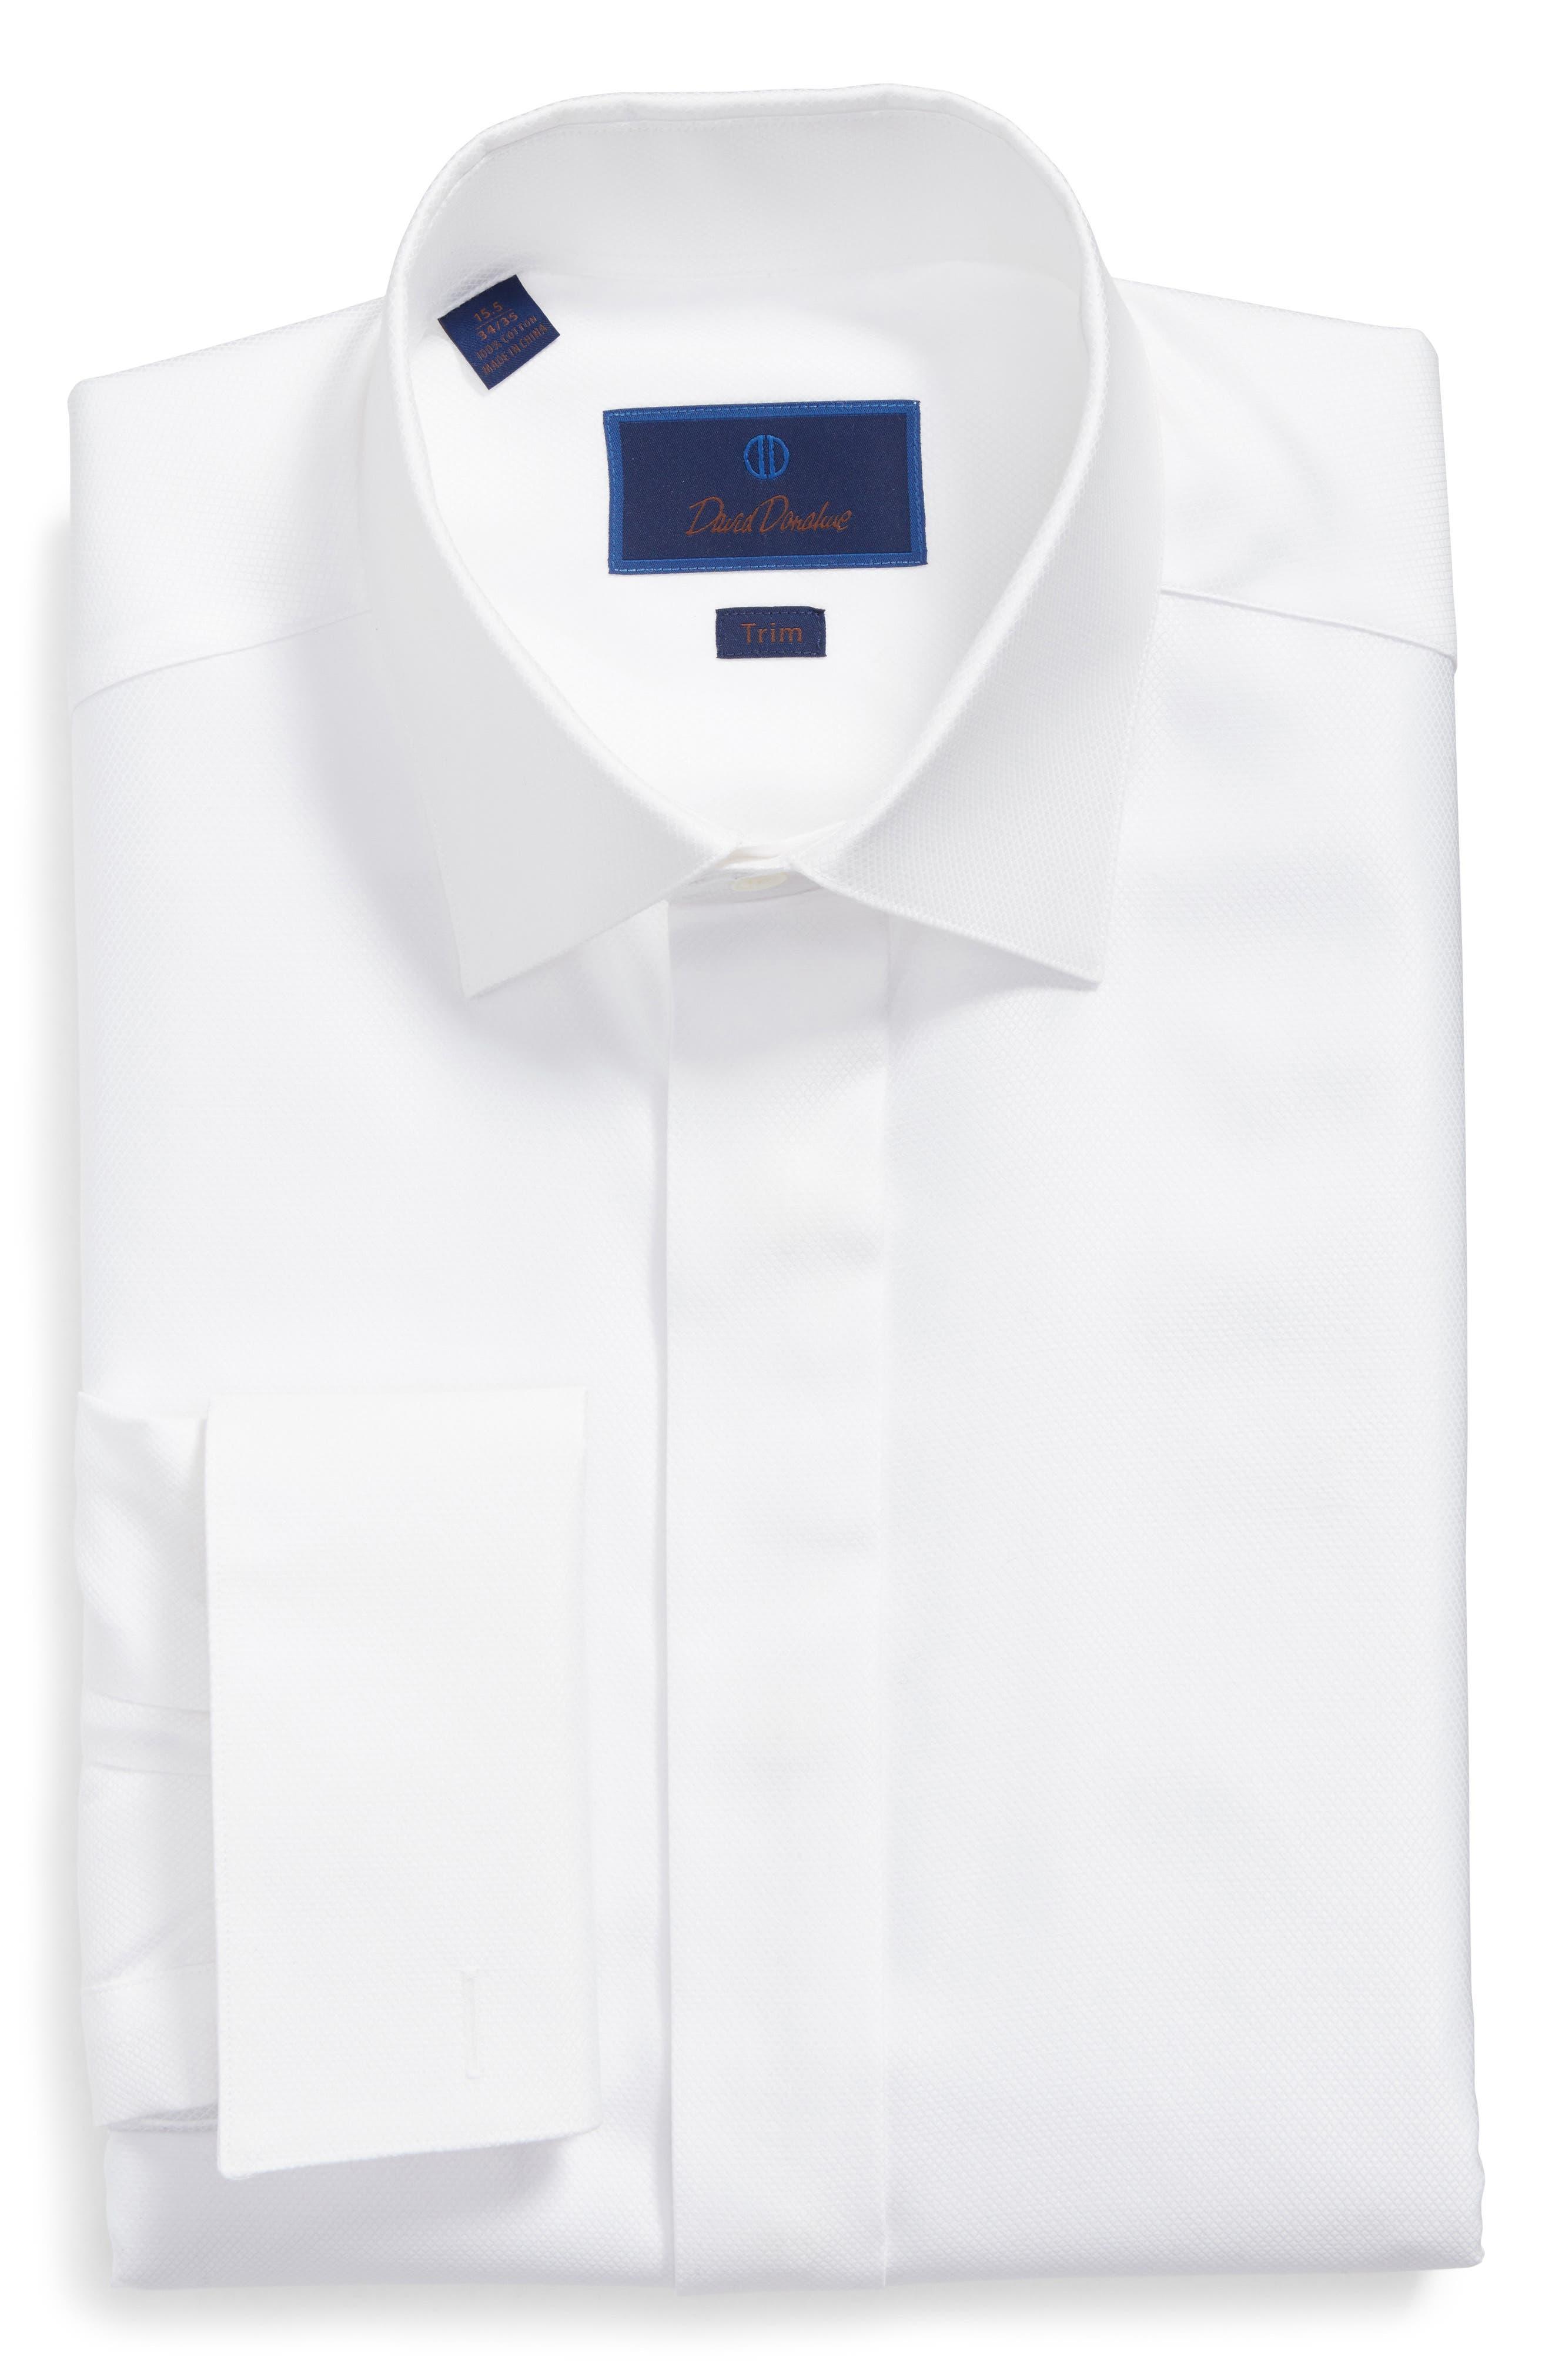 Main Image - David Donahue Trim Fit French Cuff Tuxedo Shirt